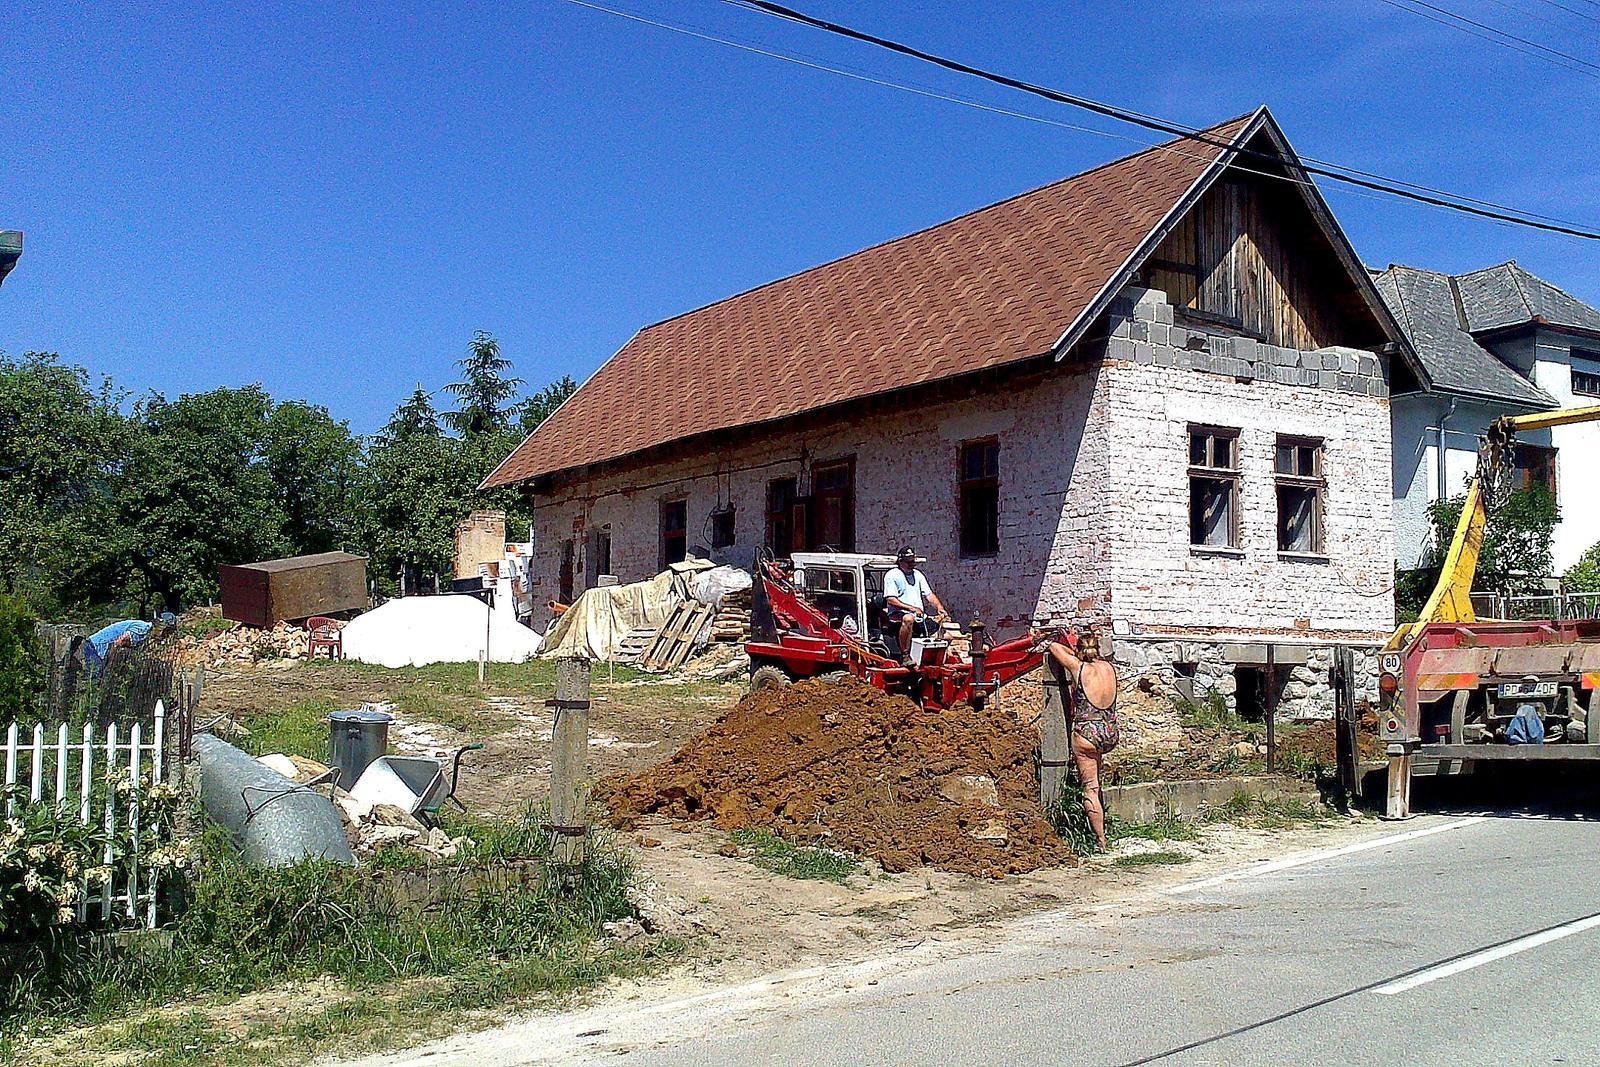 Rekonštrukcia domčeka z roku 1937 - Jún 2014 - potiahli sme elektrinu (cca 40 m) z najbližšieho stĺpa, zakopali vodomernú šachtu vedľa pôvodnej vodovodnej  prípojky  a začali kopať miesto pre budúce parkovisko